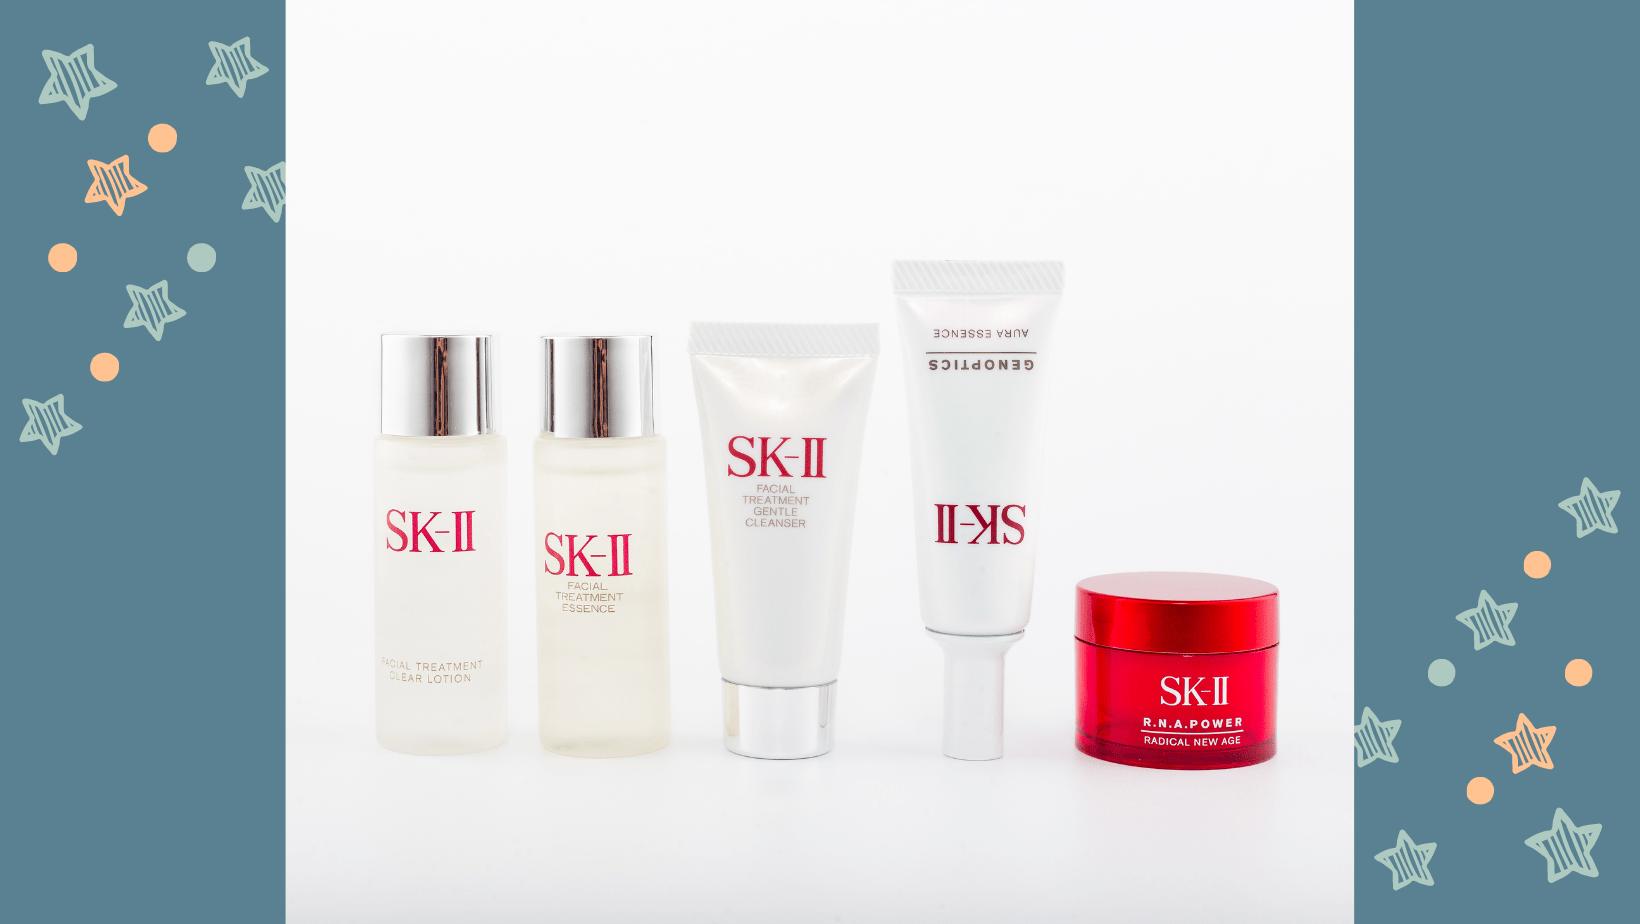 Cách sử dụng skii mini set 5 món chăm sóc da dưỡng ẩm